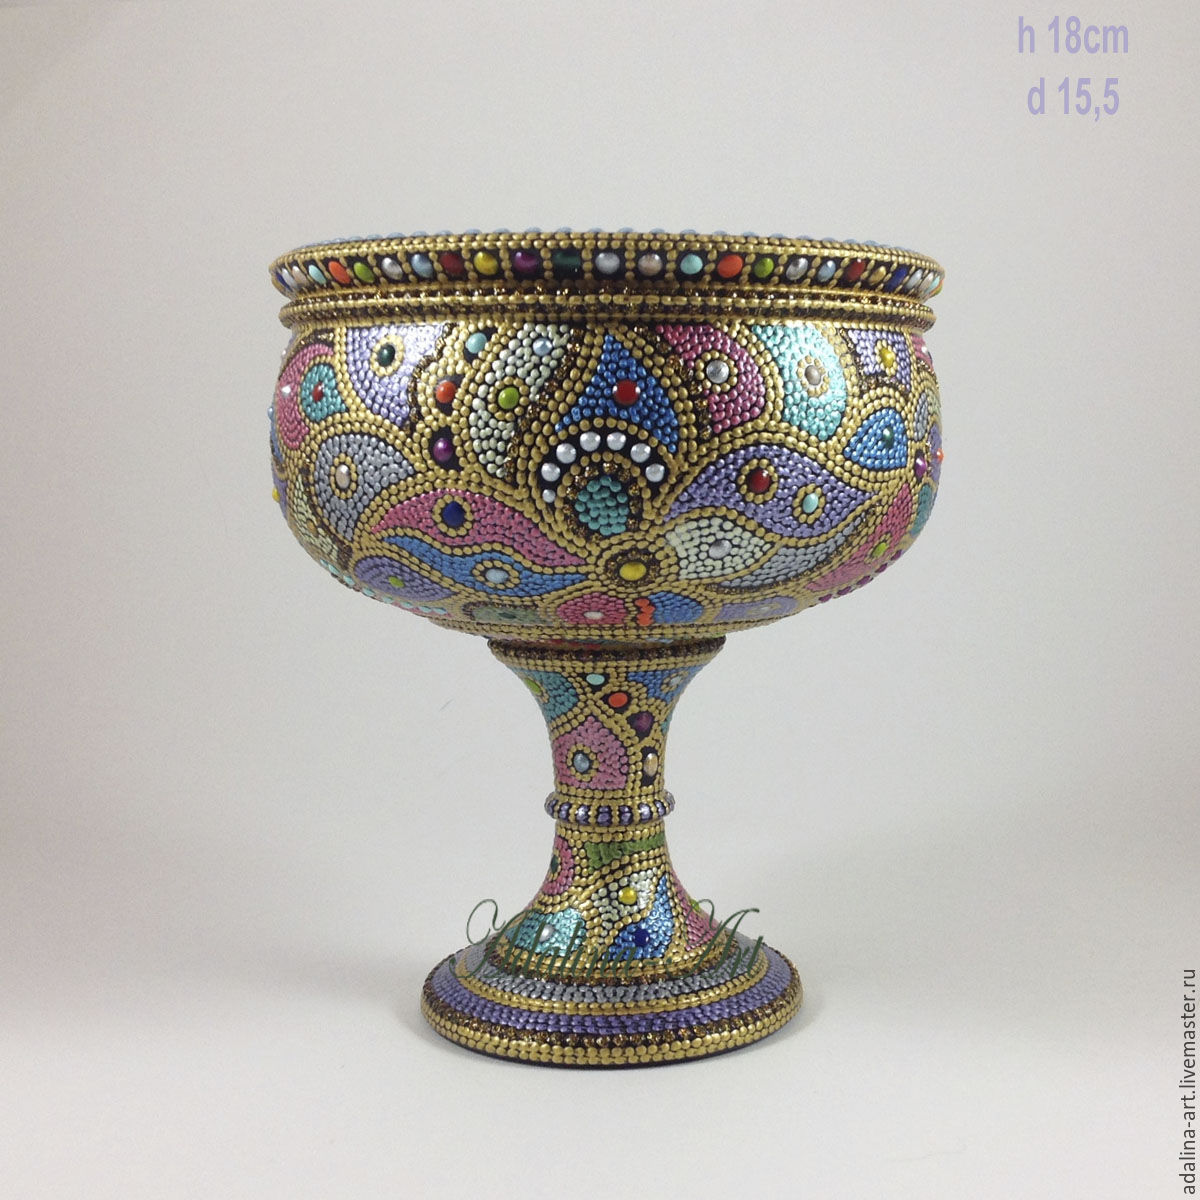 Конфетница КАРНАВАЛ В РИО ваза-кубок Точечная роспись